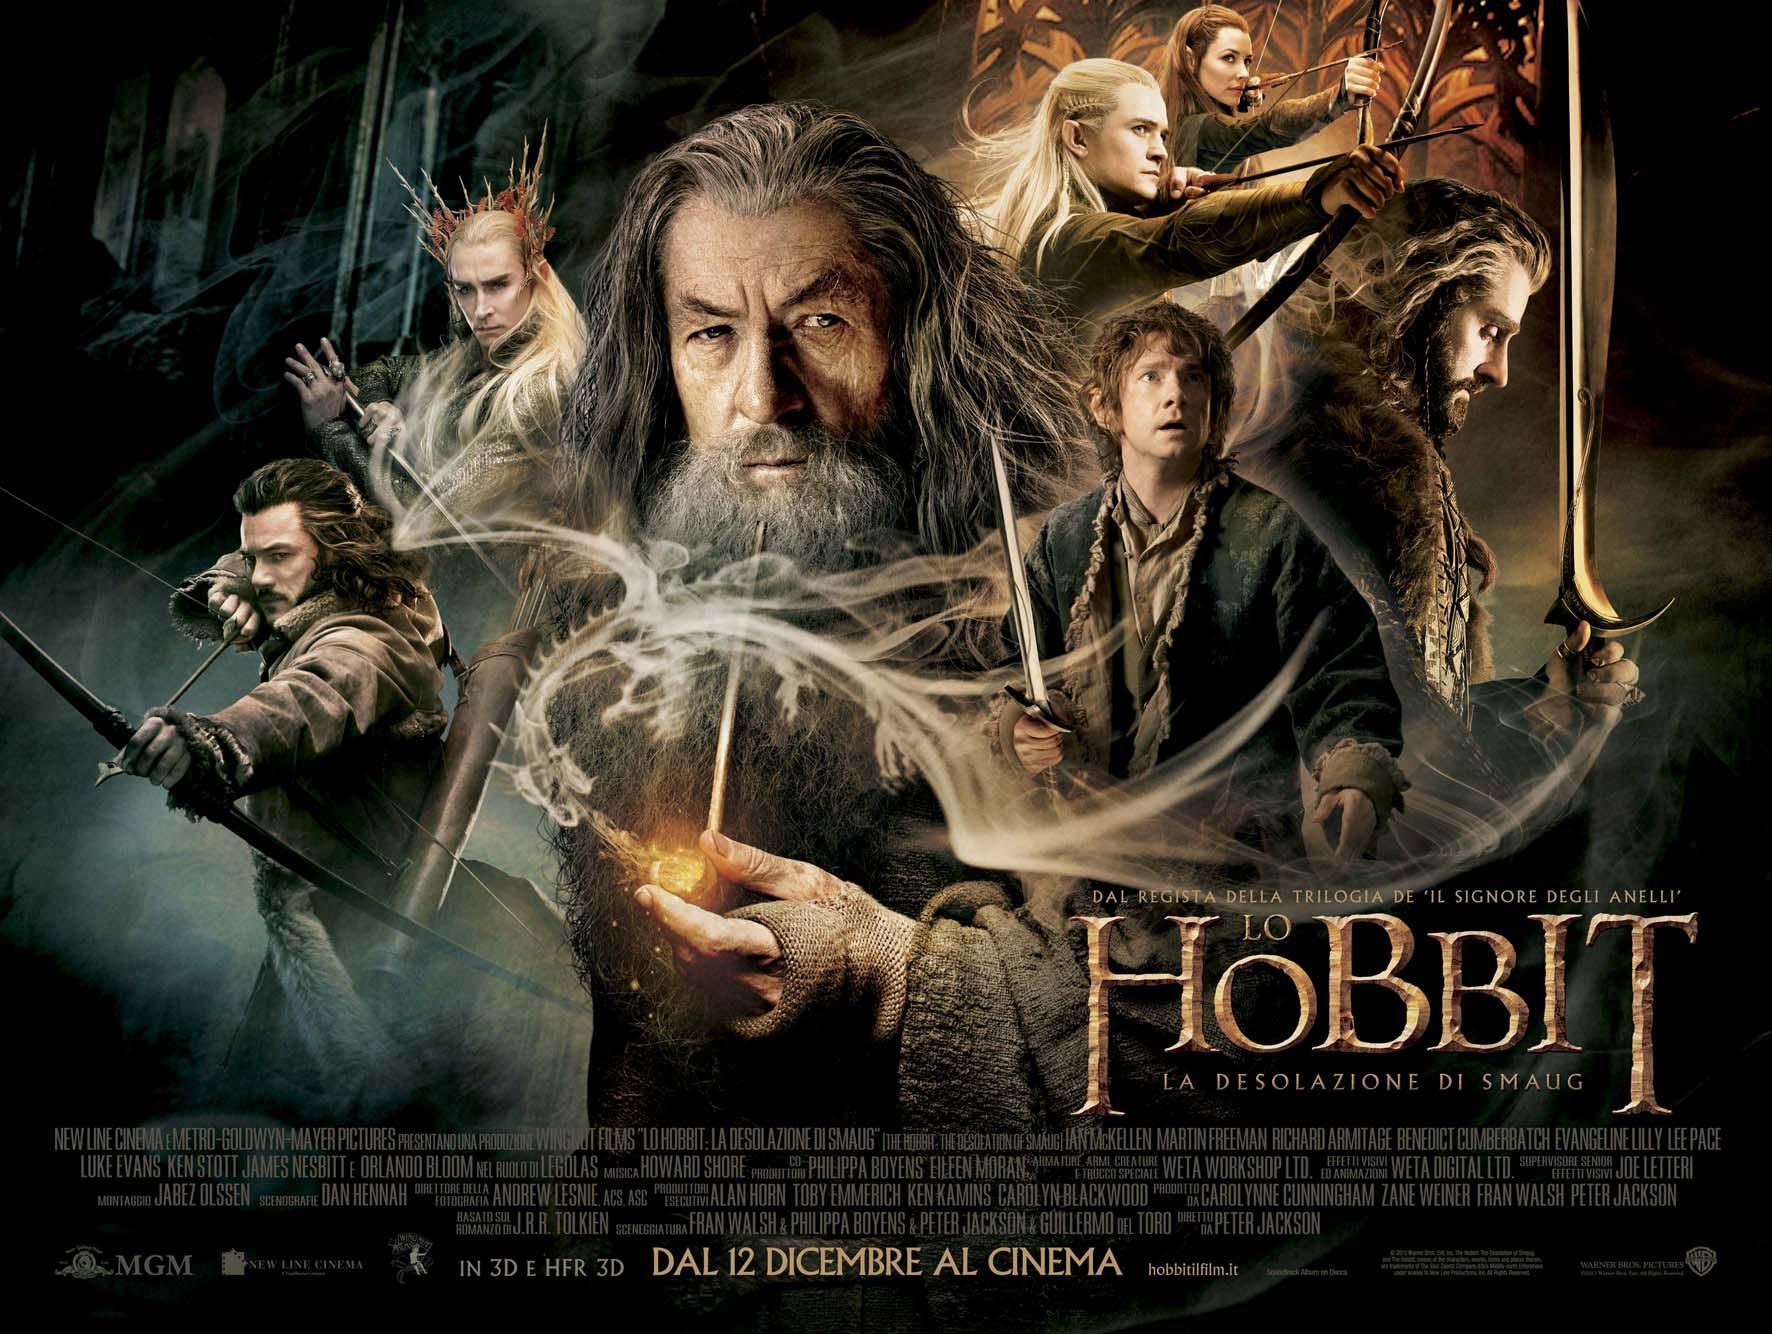 lo_hobbit_-_la_desolazione_di_smaug